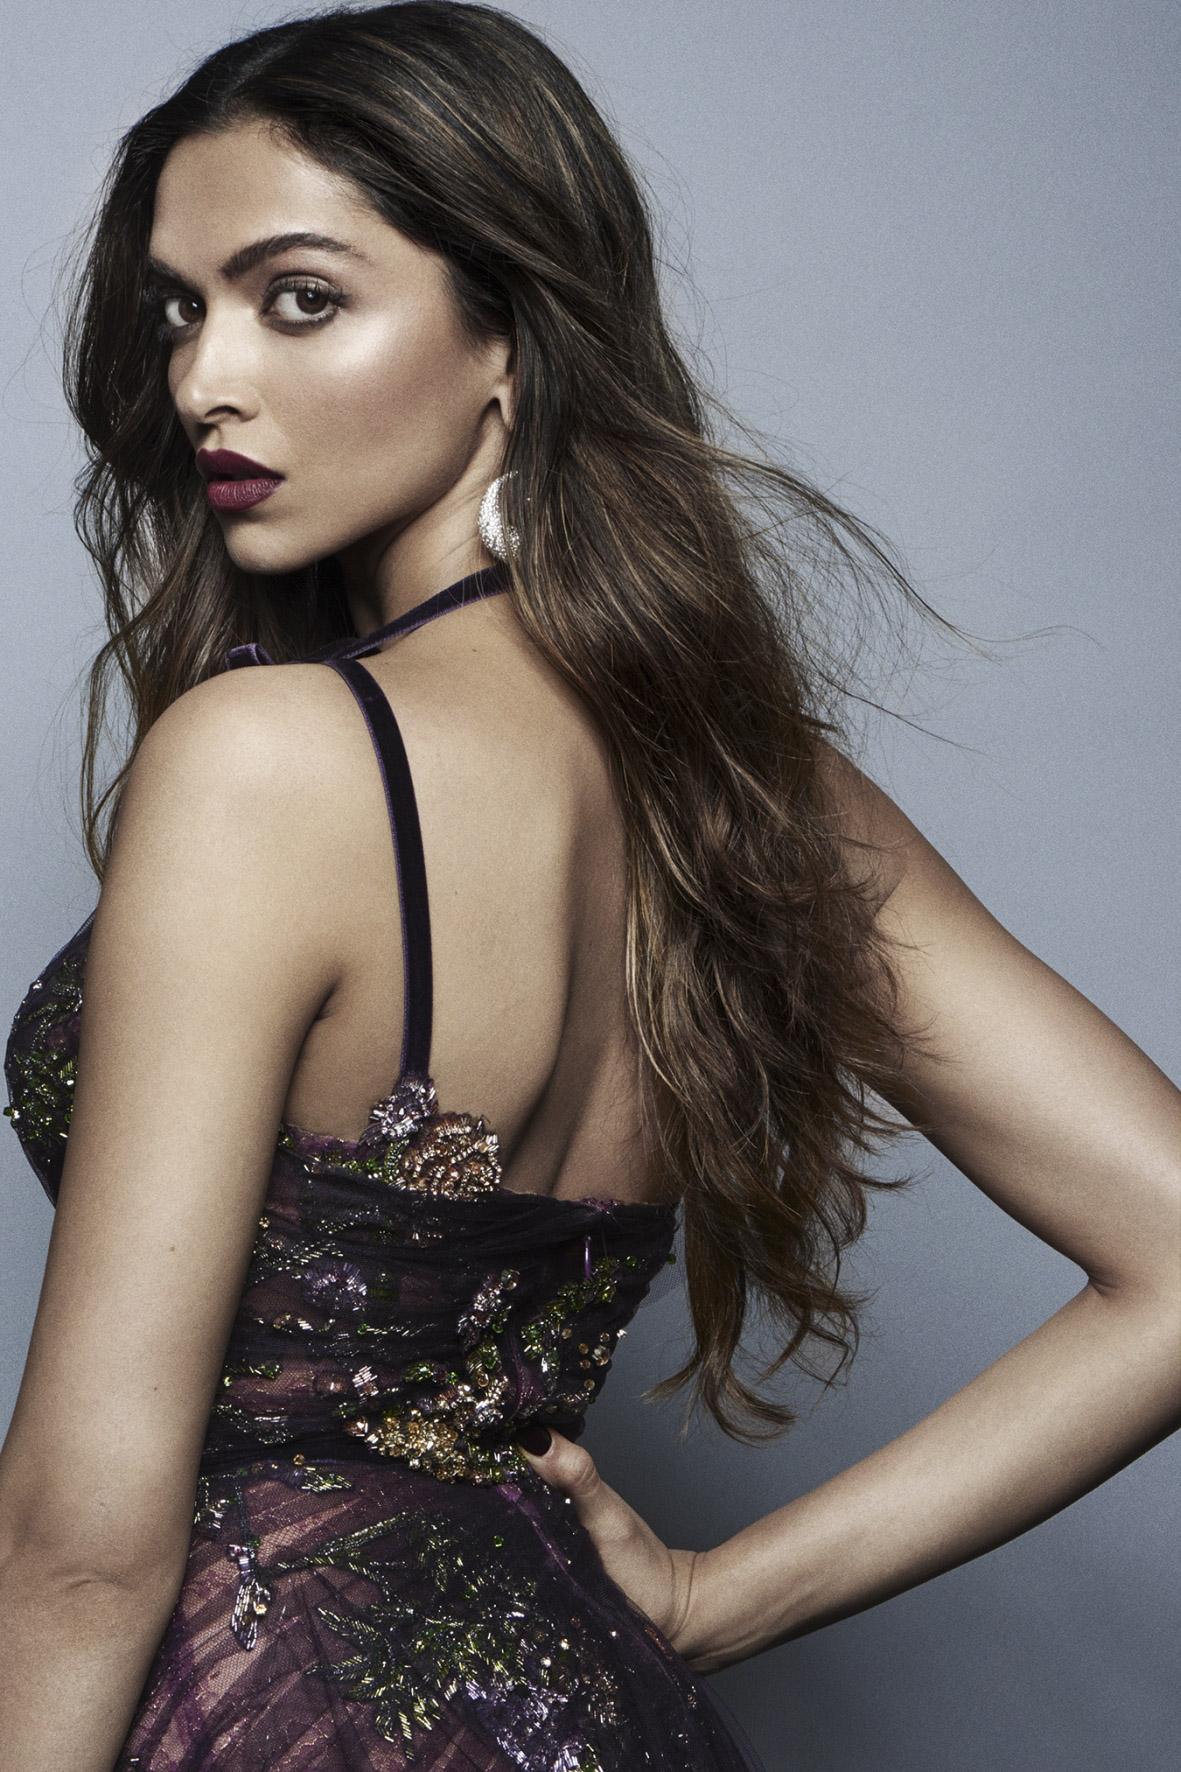 L'Oreal Paris Cannes May 17 2017 Deepika Padukone 2